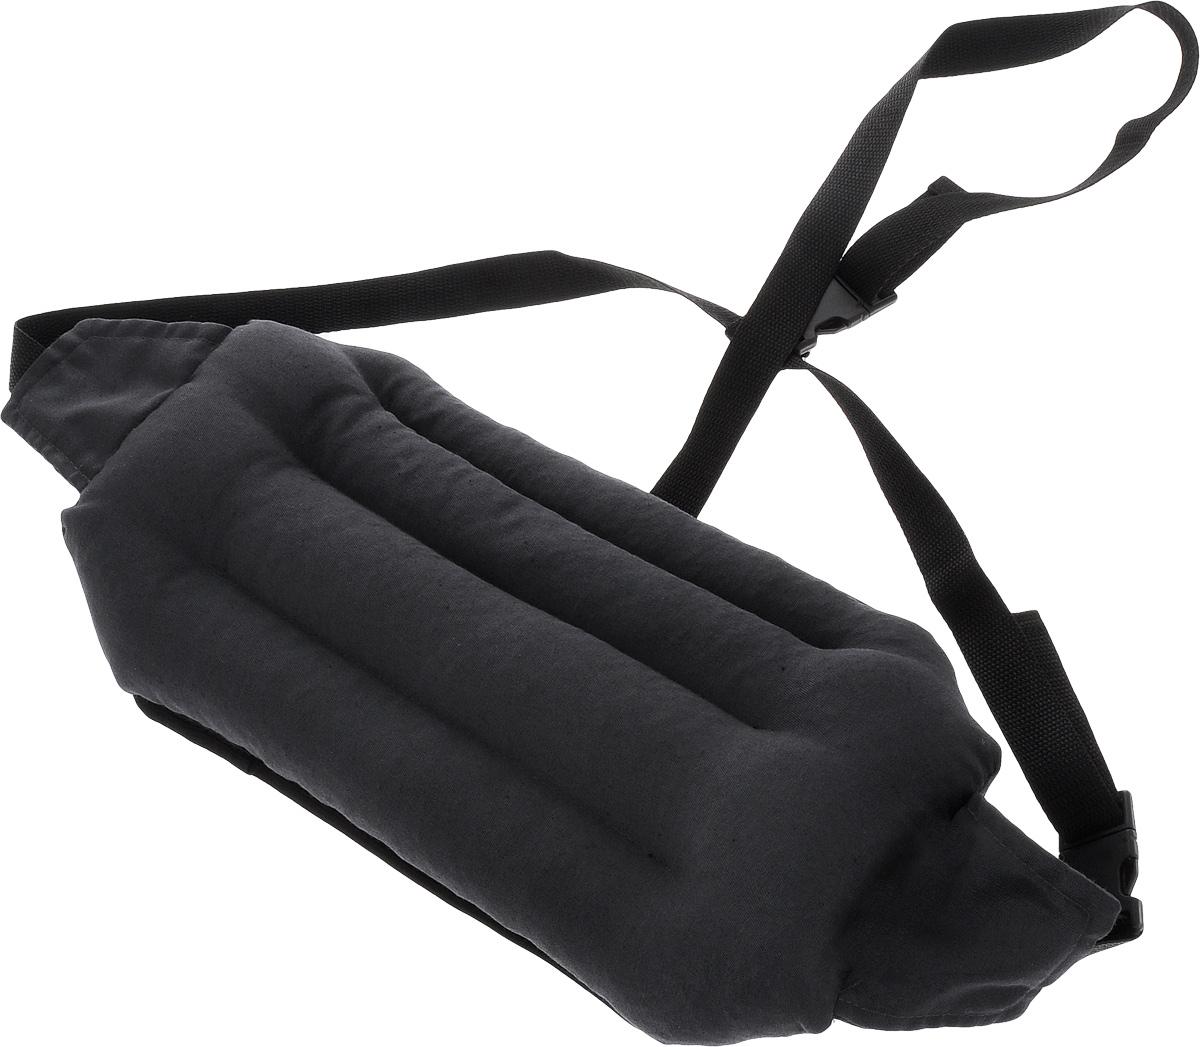 Подушка под спину Smart Textile Офис, наполнитель: лузга гречихи, 40 х 20 смT511Подушка под спину Smart Textile Офис предназначена для людей, которые много времени проводят сидя на стуле или офисном кресле. Конструкция подушки выполнена таким образом, чтобы поясничная зона чувствовала себя максимально комфортно. Поддерживается естественный изгиб позвоночника, что способствует профилактике остеохондроза, уменьшается боль в пояснице. Можно регулировать объем подушки, подгоняя ее под свои анатомические изгибы поясницы. Удобные завязки позволяют регулировать ее положение на любом кресле. Подушка заполнена лепестками гречишной лузги, которая обладает множеством полезных качеств: - Хорошо проветривается. - Предупреждает потение. - Поддерживает комфортную температуру. - Обминается по форме тела. - Обеспечивает микромассаж. - Улучшает кровообращение. - Исключает затечные явления. Подушка также будет полезна и дома - при работе за компьютером, школьникам - при выполнении домашних работ. ...